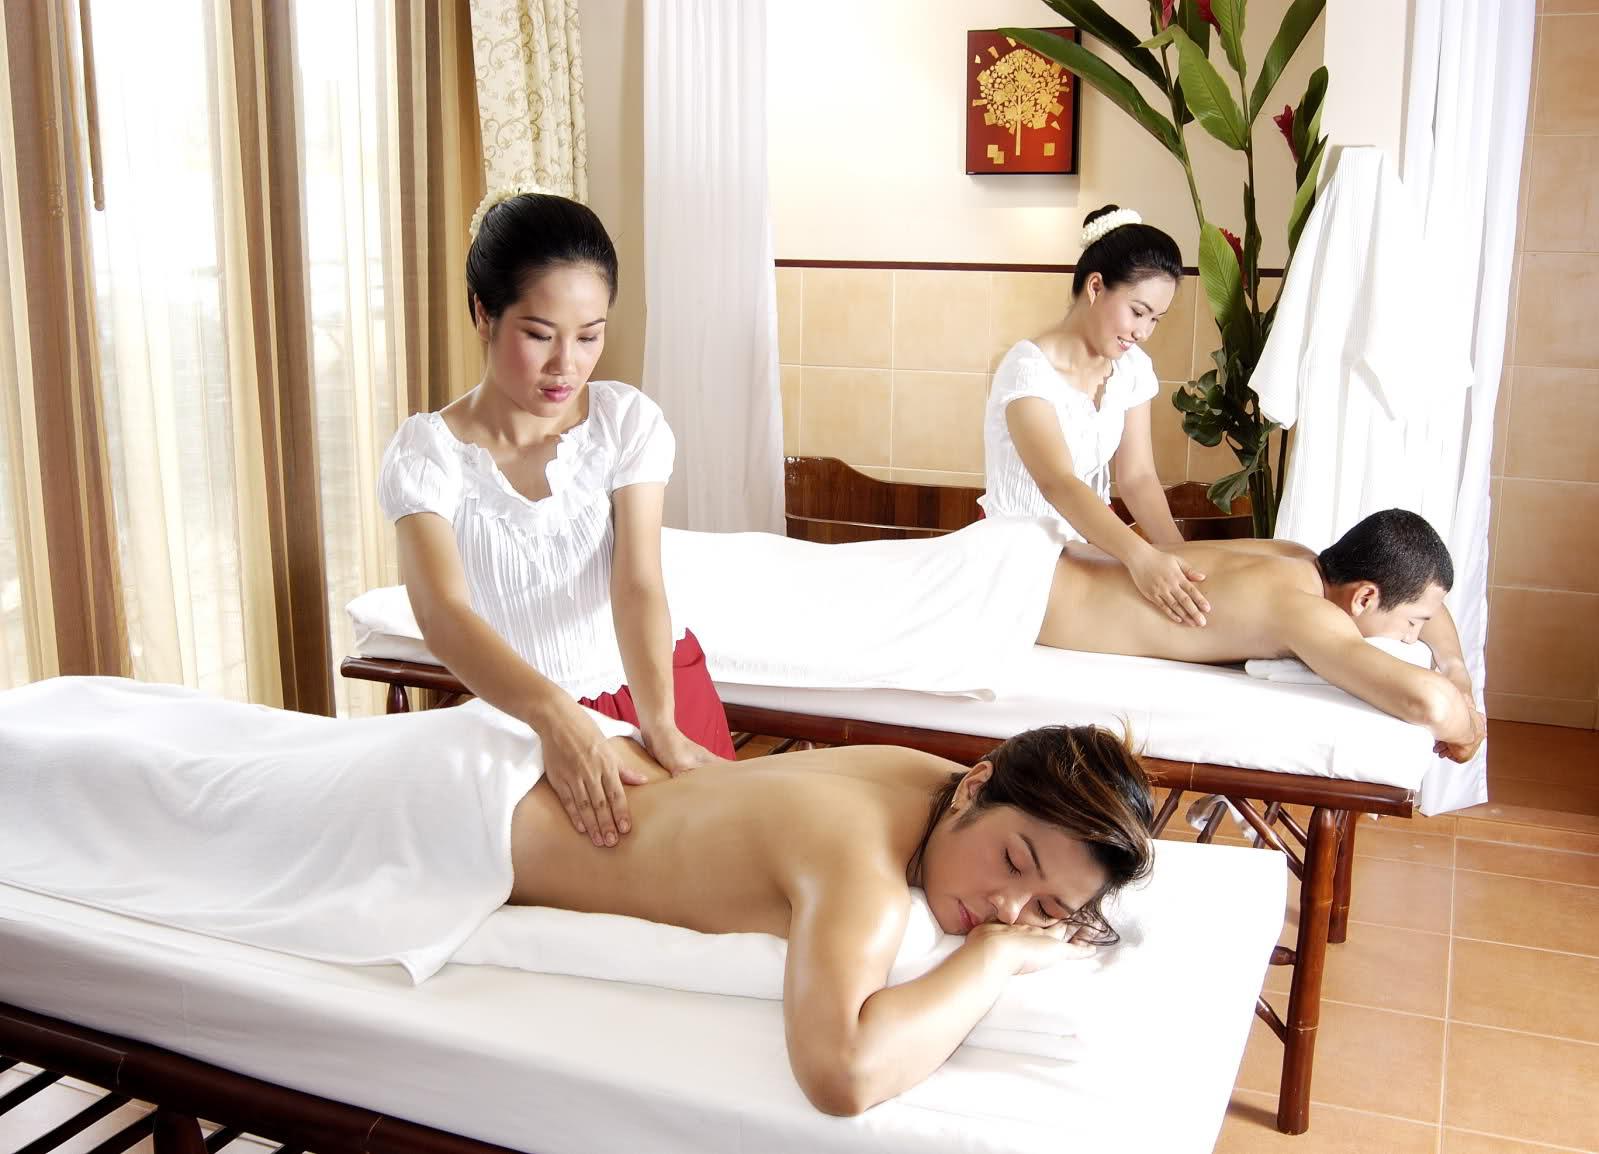 kak-delat-massazh-intimnih-zon